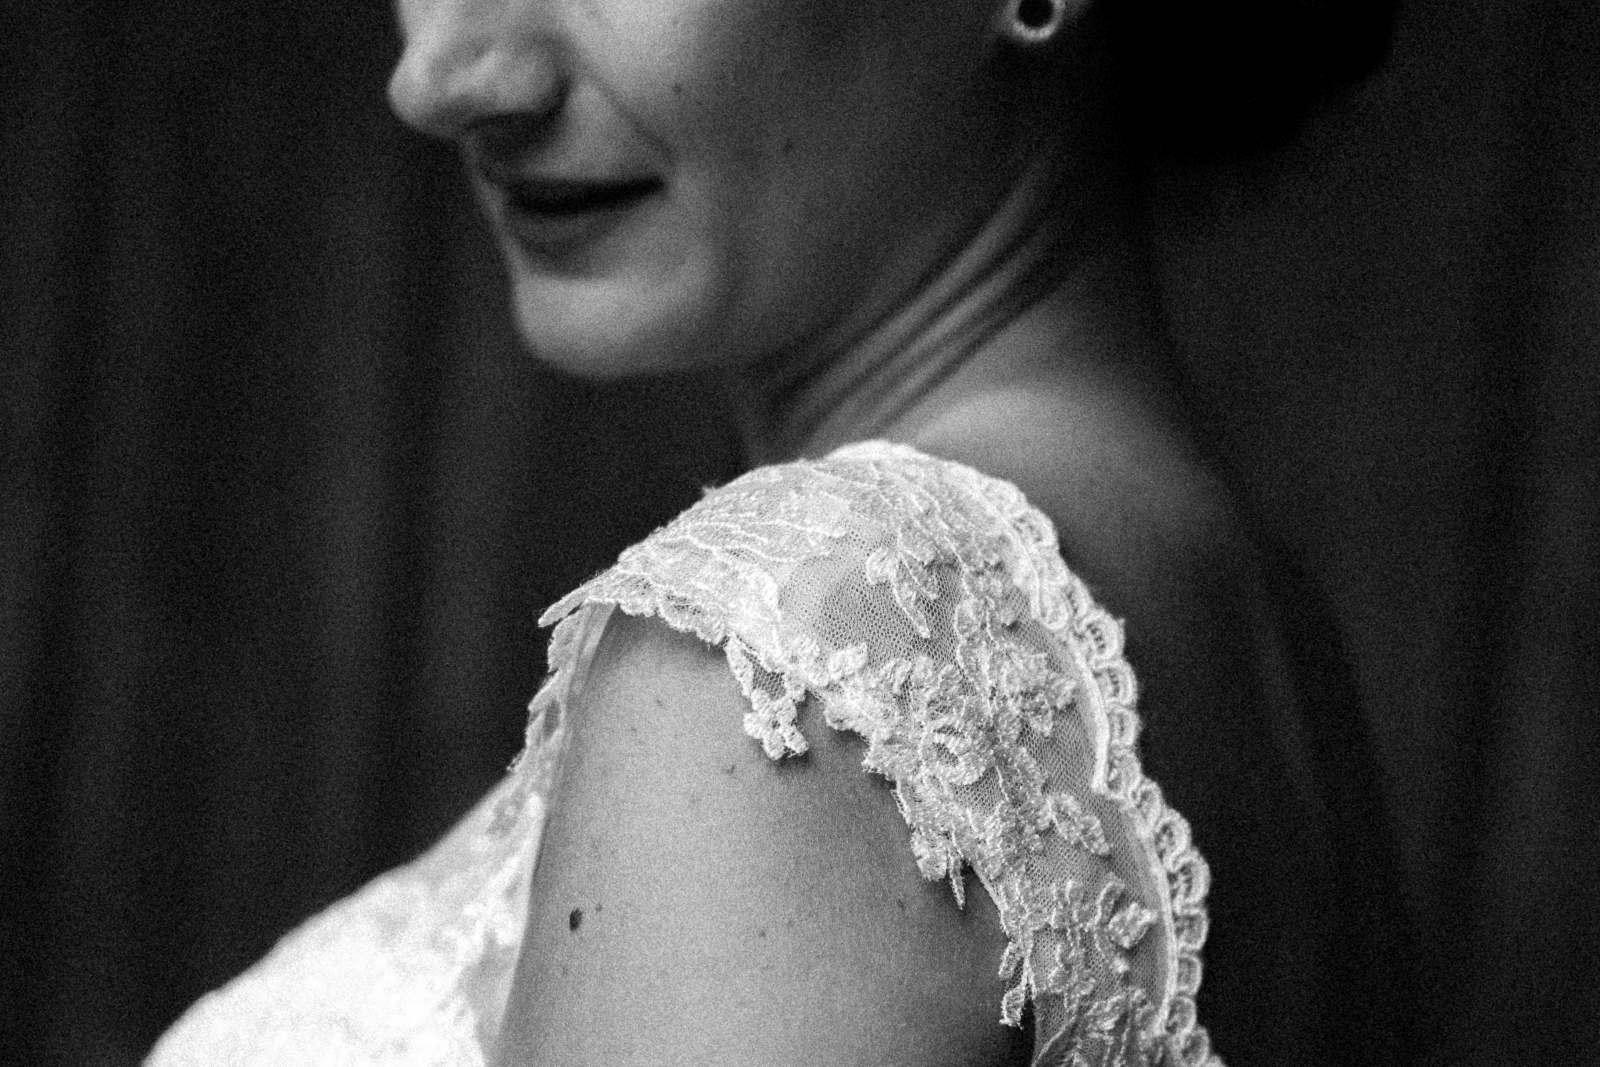 Hochzeitsfotograf Monzernheim: freie Trauung von Sarah & Patrick